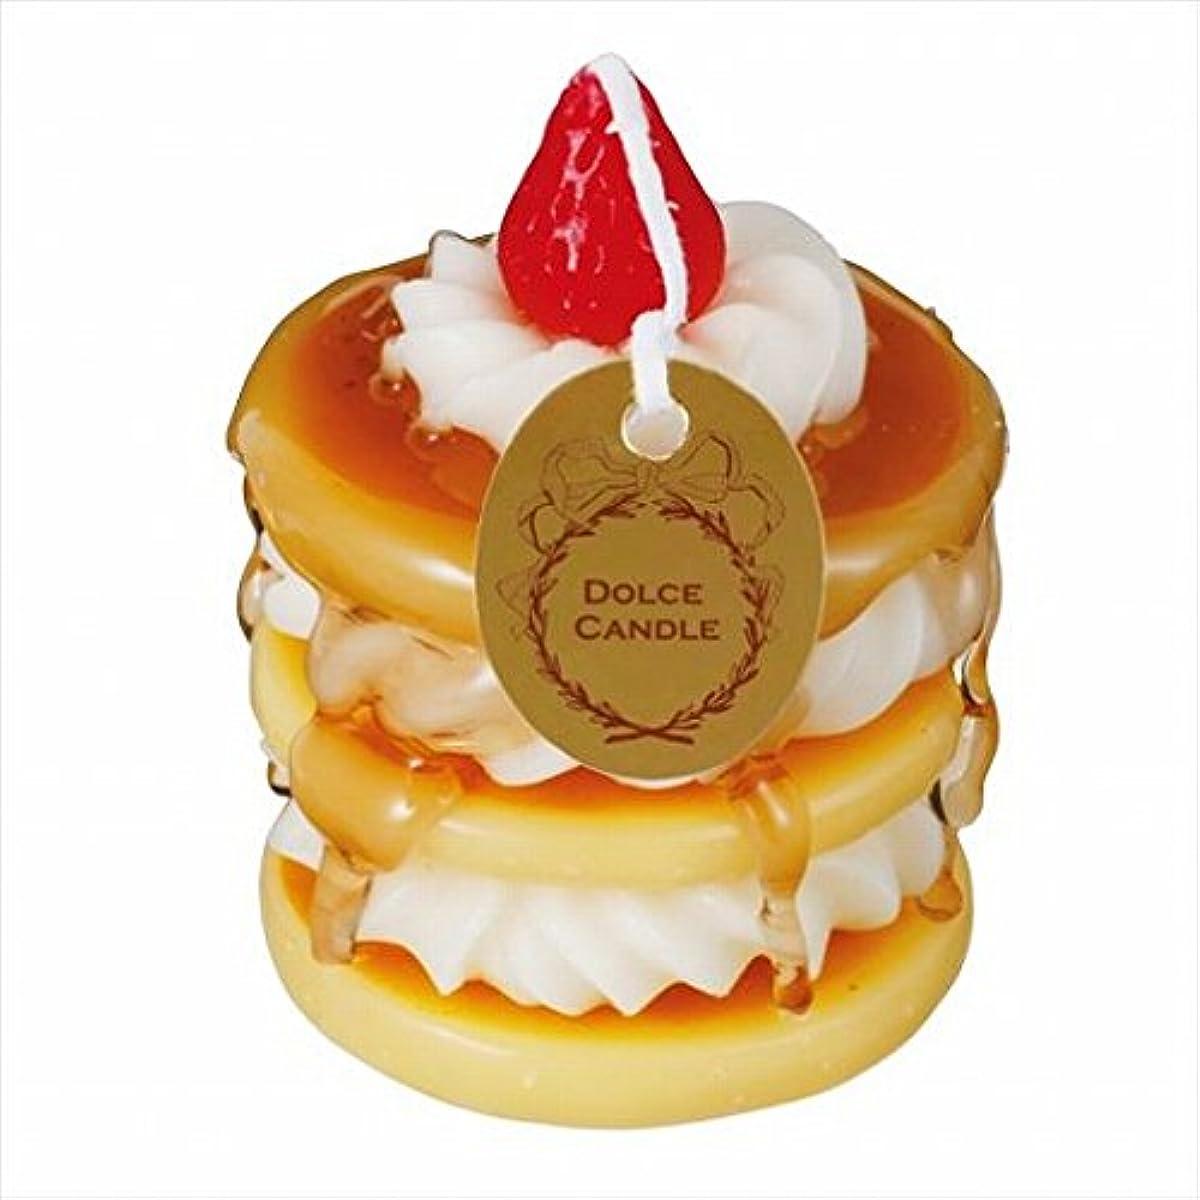 殺します正当化するにんじんスイーツキャンドル( sweets candle ) ドルチェキャンドル 「 パンケーキ 」